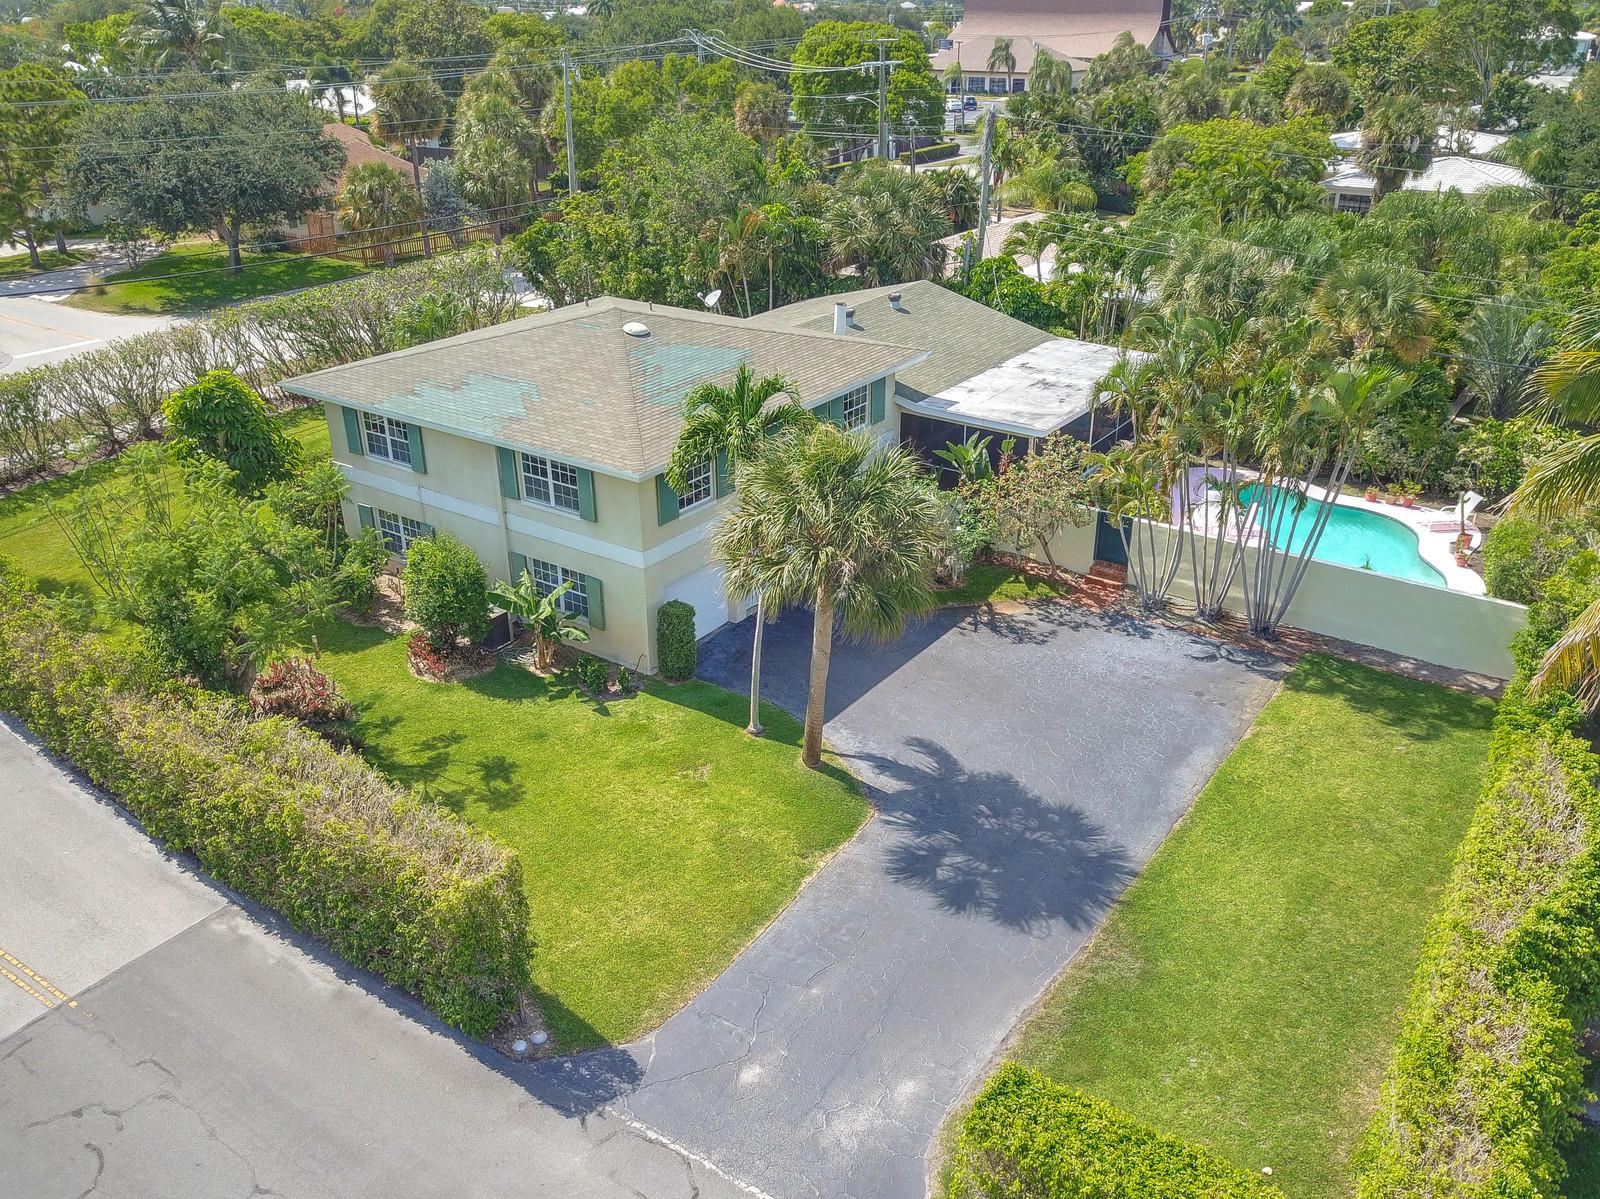 1801 Swinton Avenue, Delray Beach, Florida 33444, 5 Bedrooms Bedrooms, ,2.1 BathroomsBathrooms,Single Family,For Sale,Swinton,RX-10534995